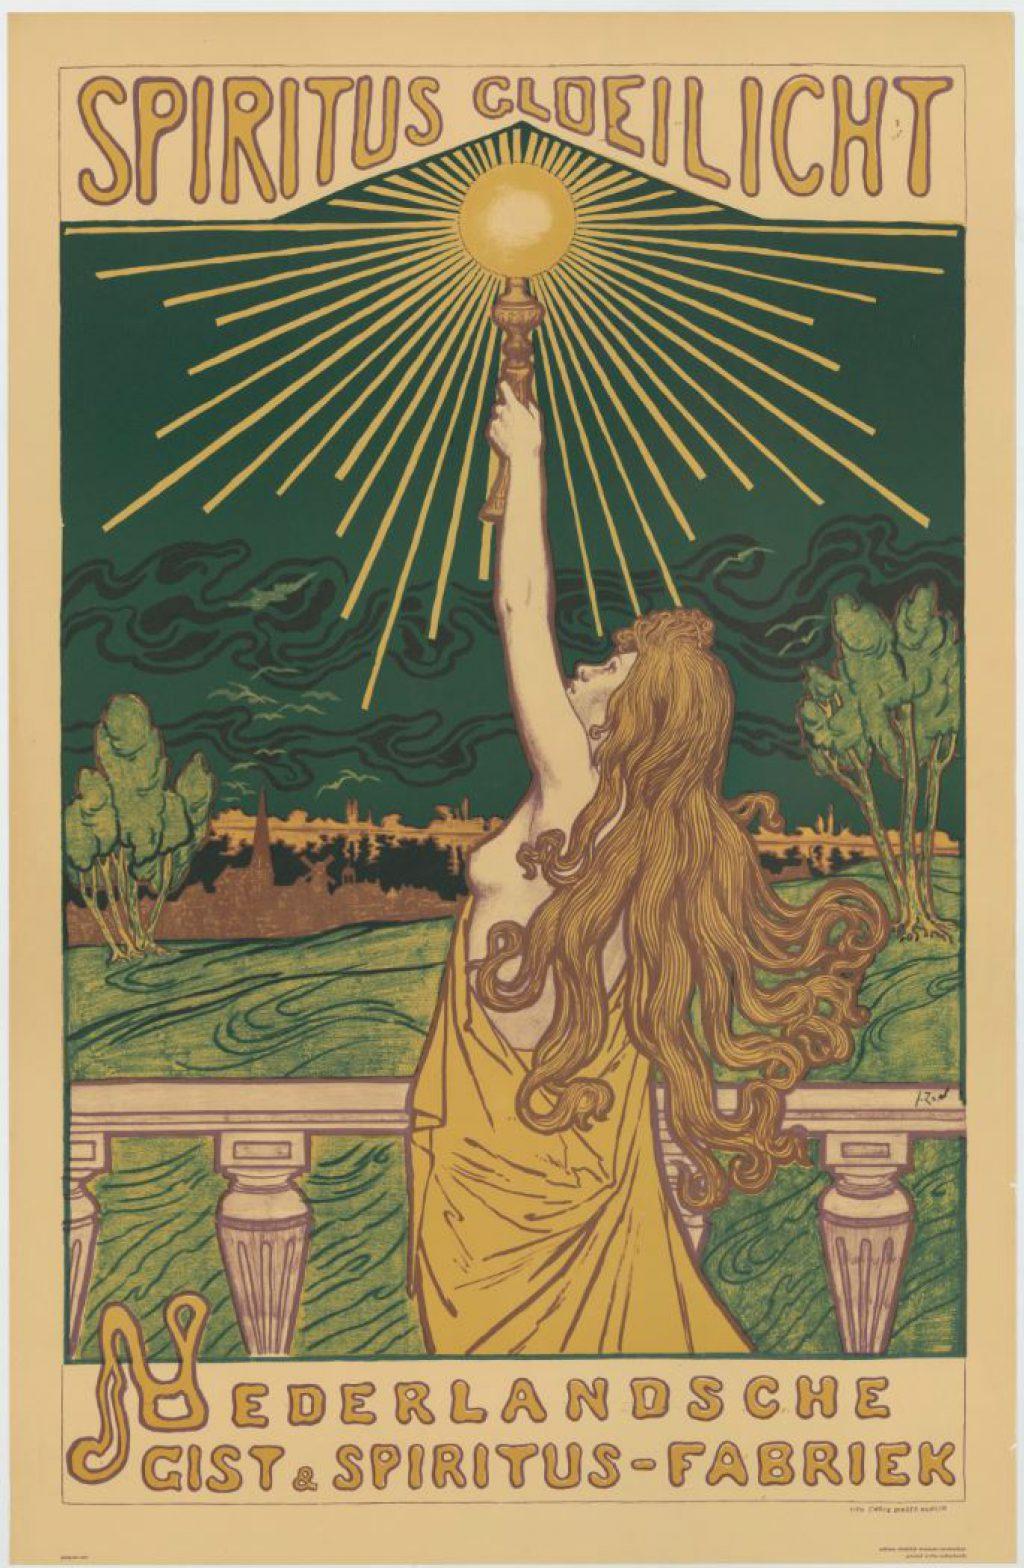 Jacques Zon, Reclame voor het Spiritusgloeilicht van de Gist- en Spiritusfabriek, ca. 1898 (TMS 218137)